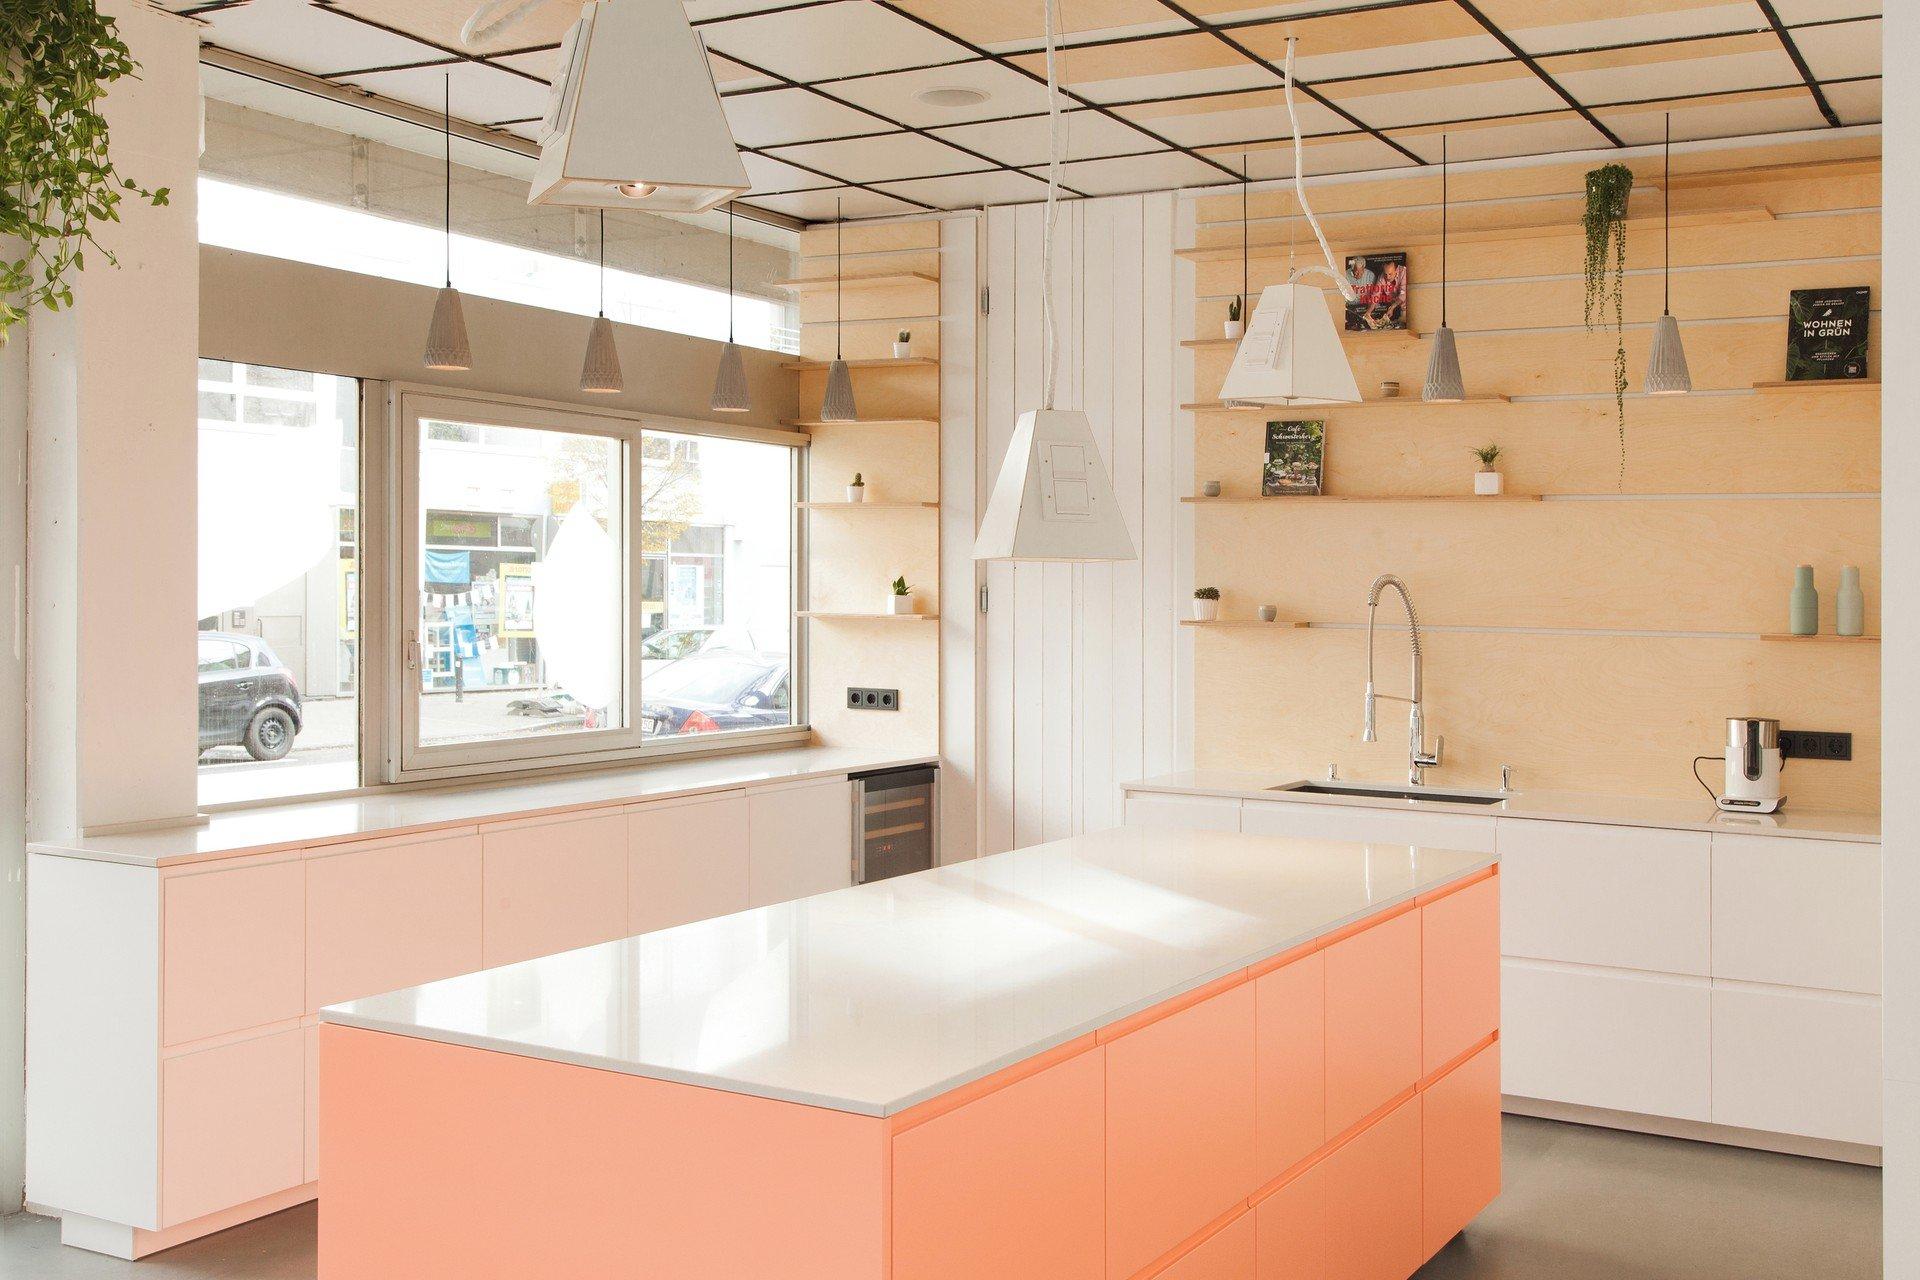 Frankfurt am Main  Privat Location für Freunde Kochatelier, Mietküche und Eventlocation in Mainz image 0